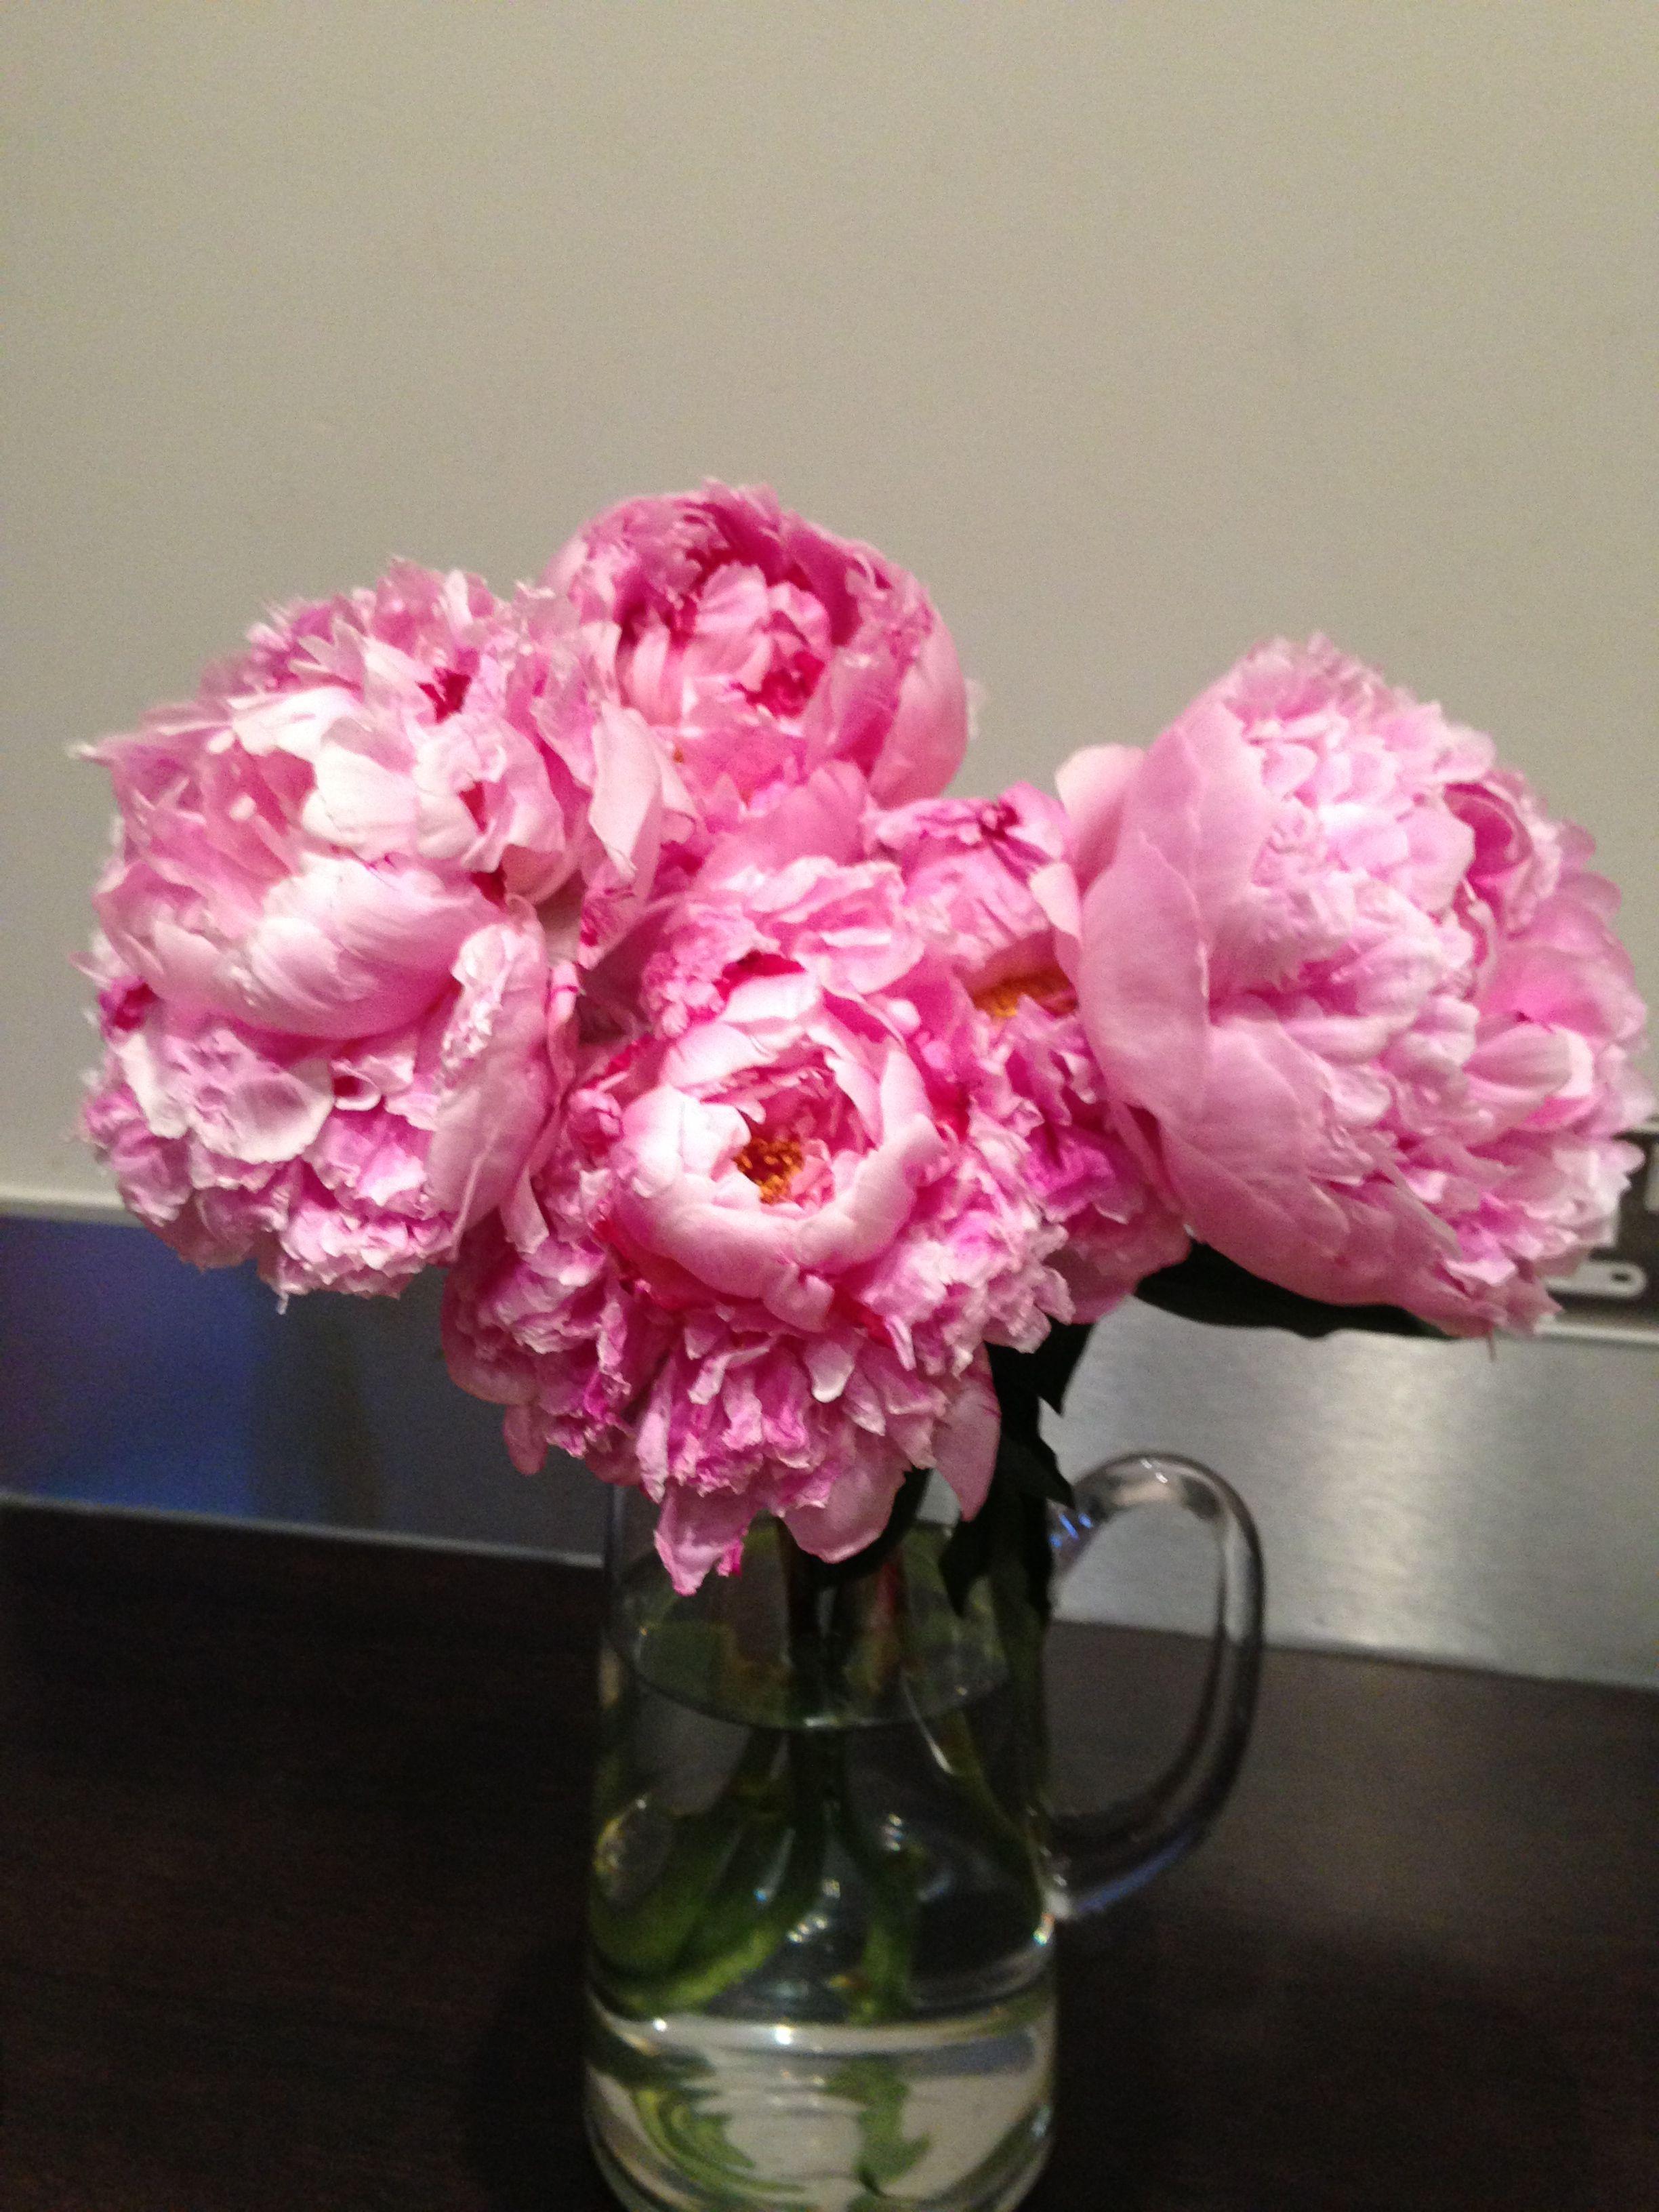 My current fave flower les fleures pinterest